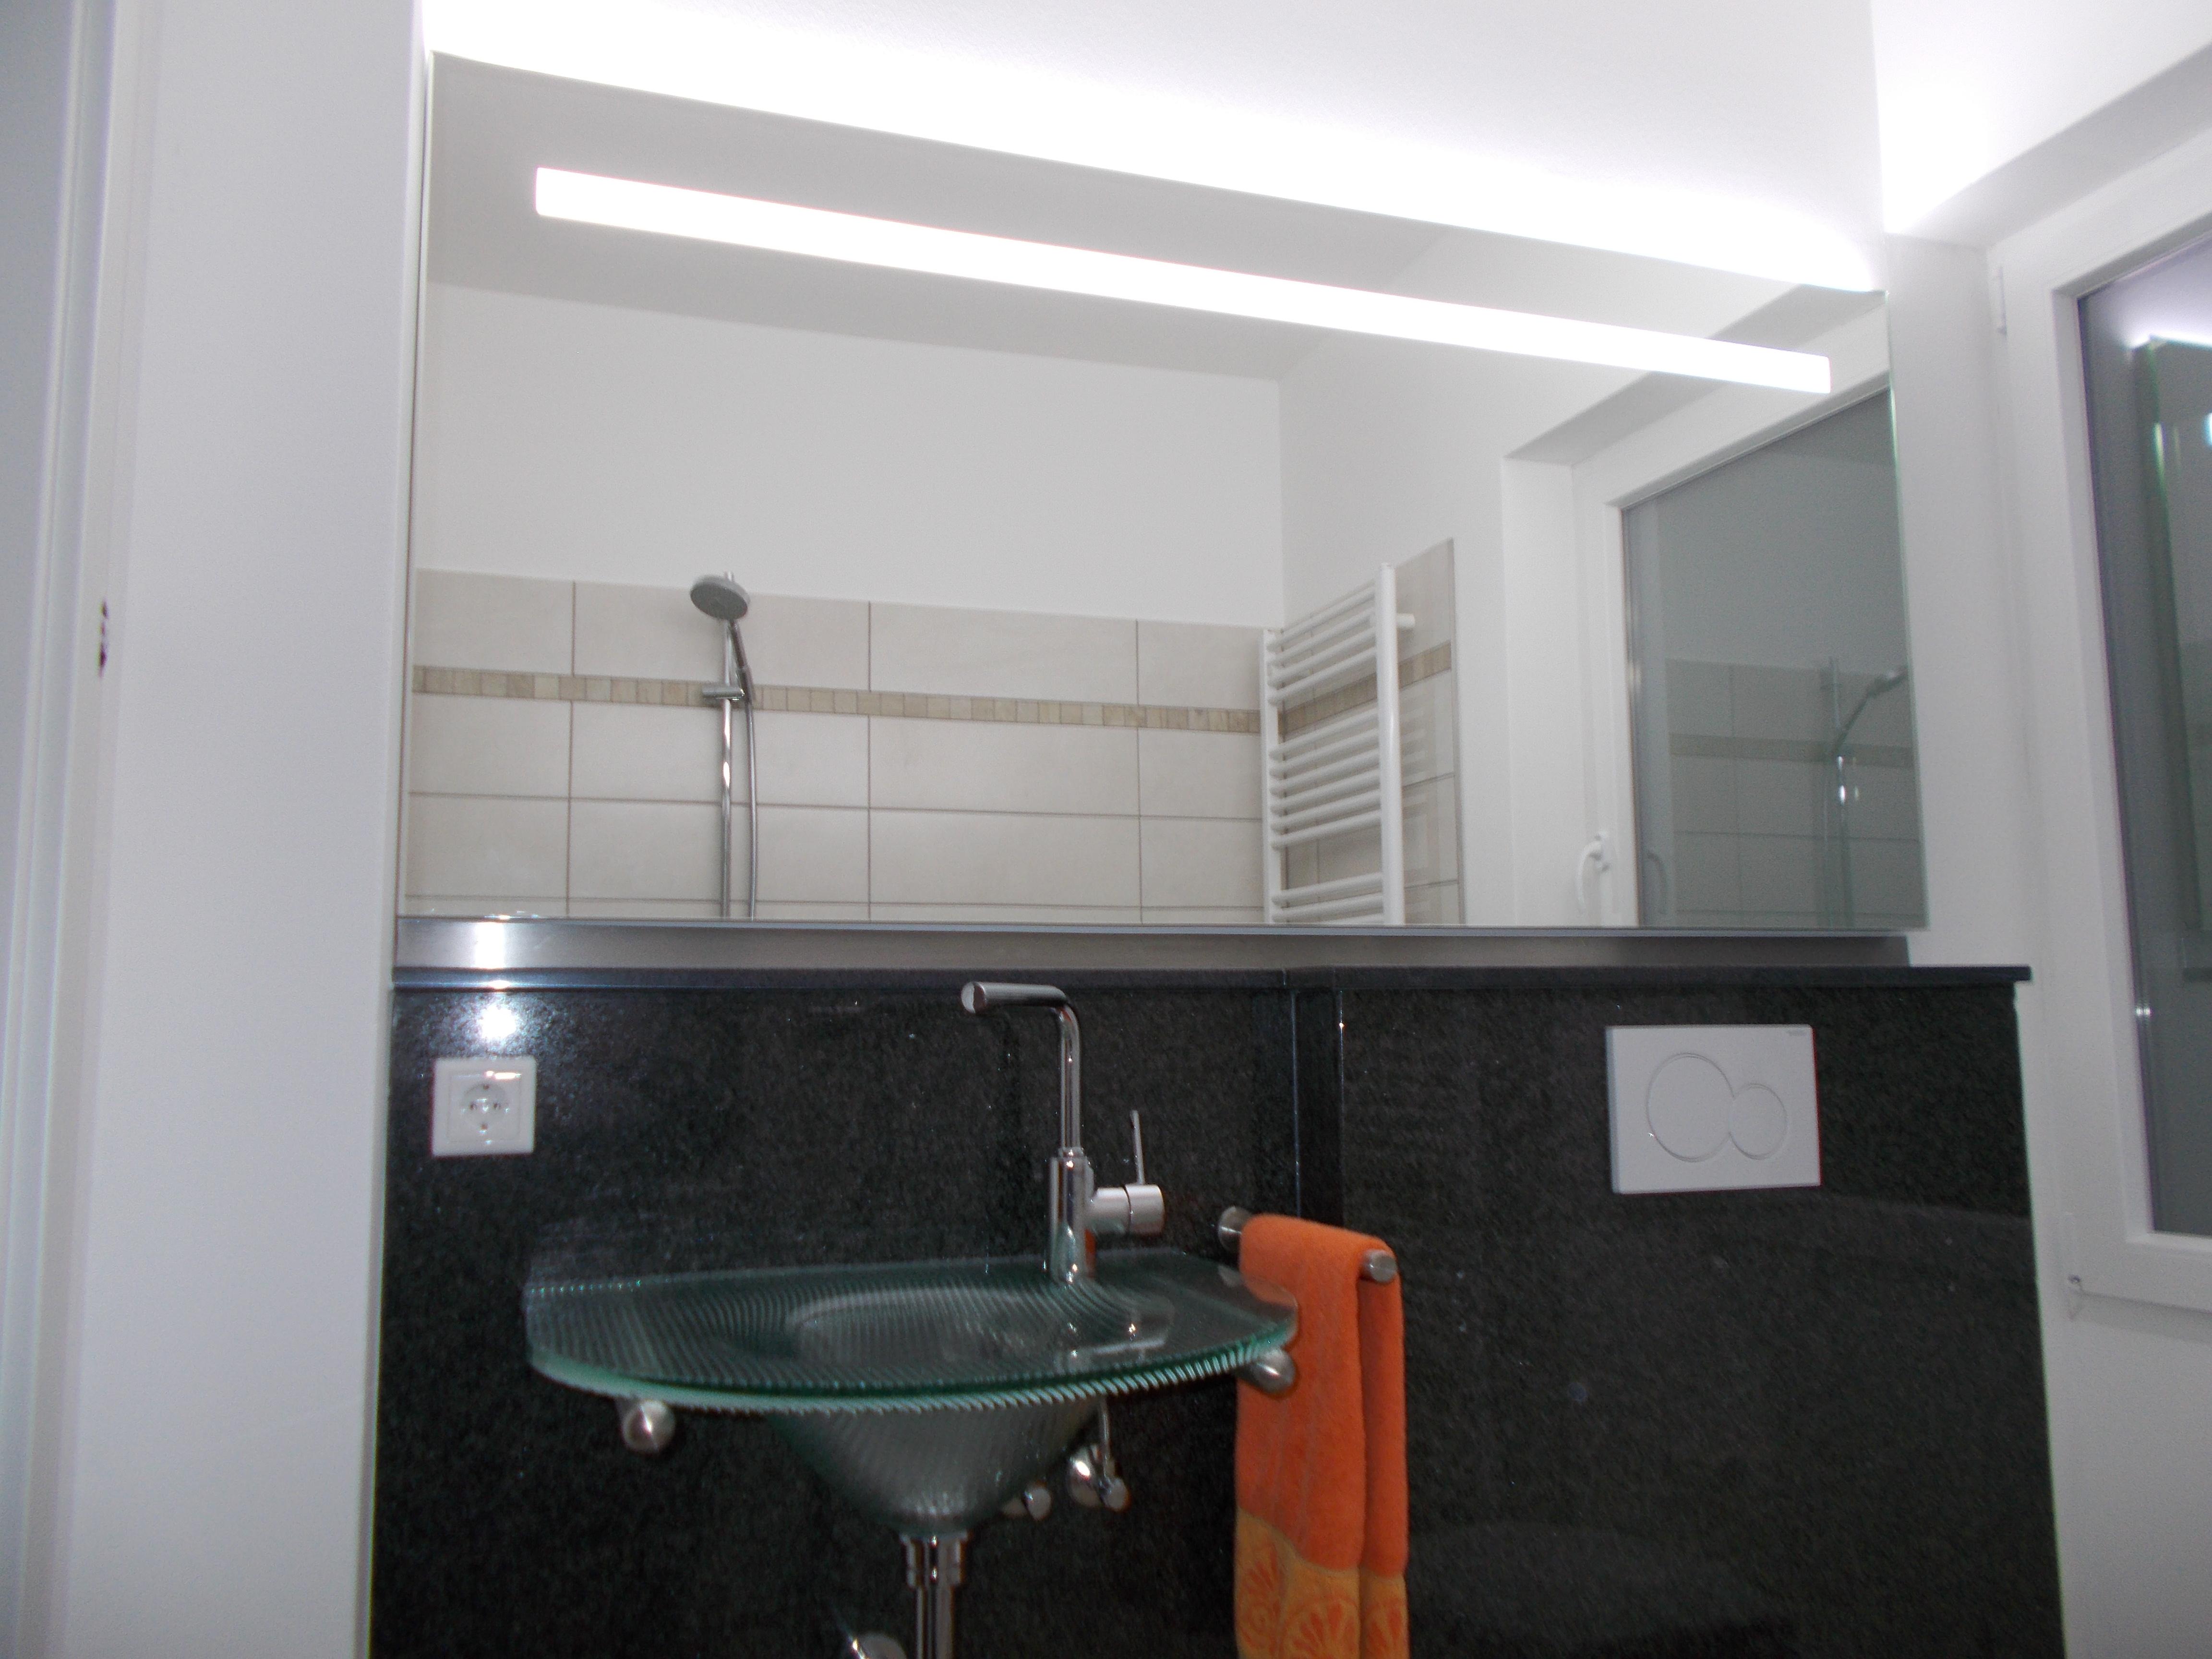 badspiegel mit led beleuchtung. Black Bedroom Furniture Sets. Home Design Ideas